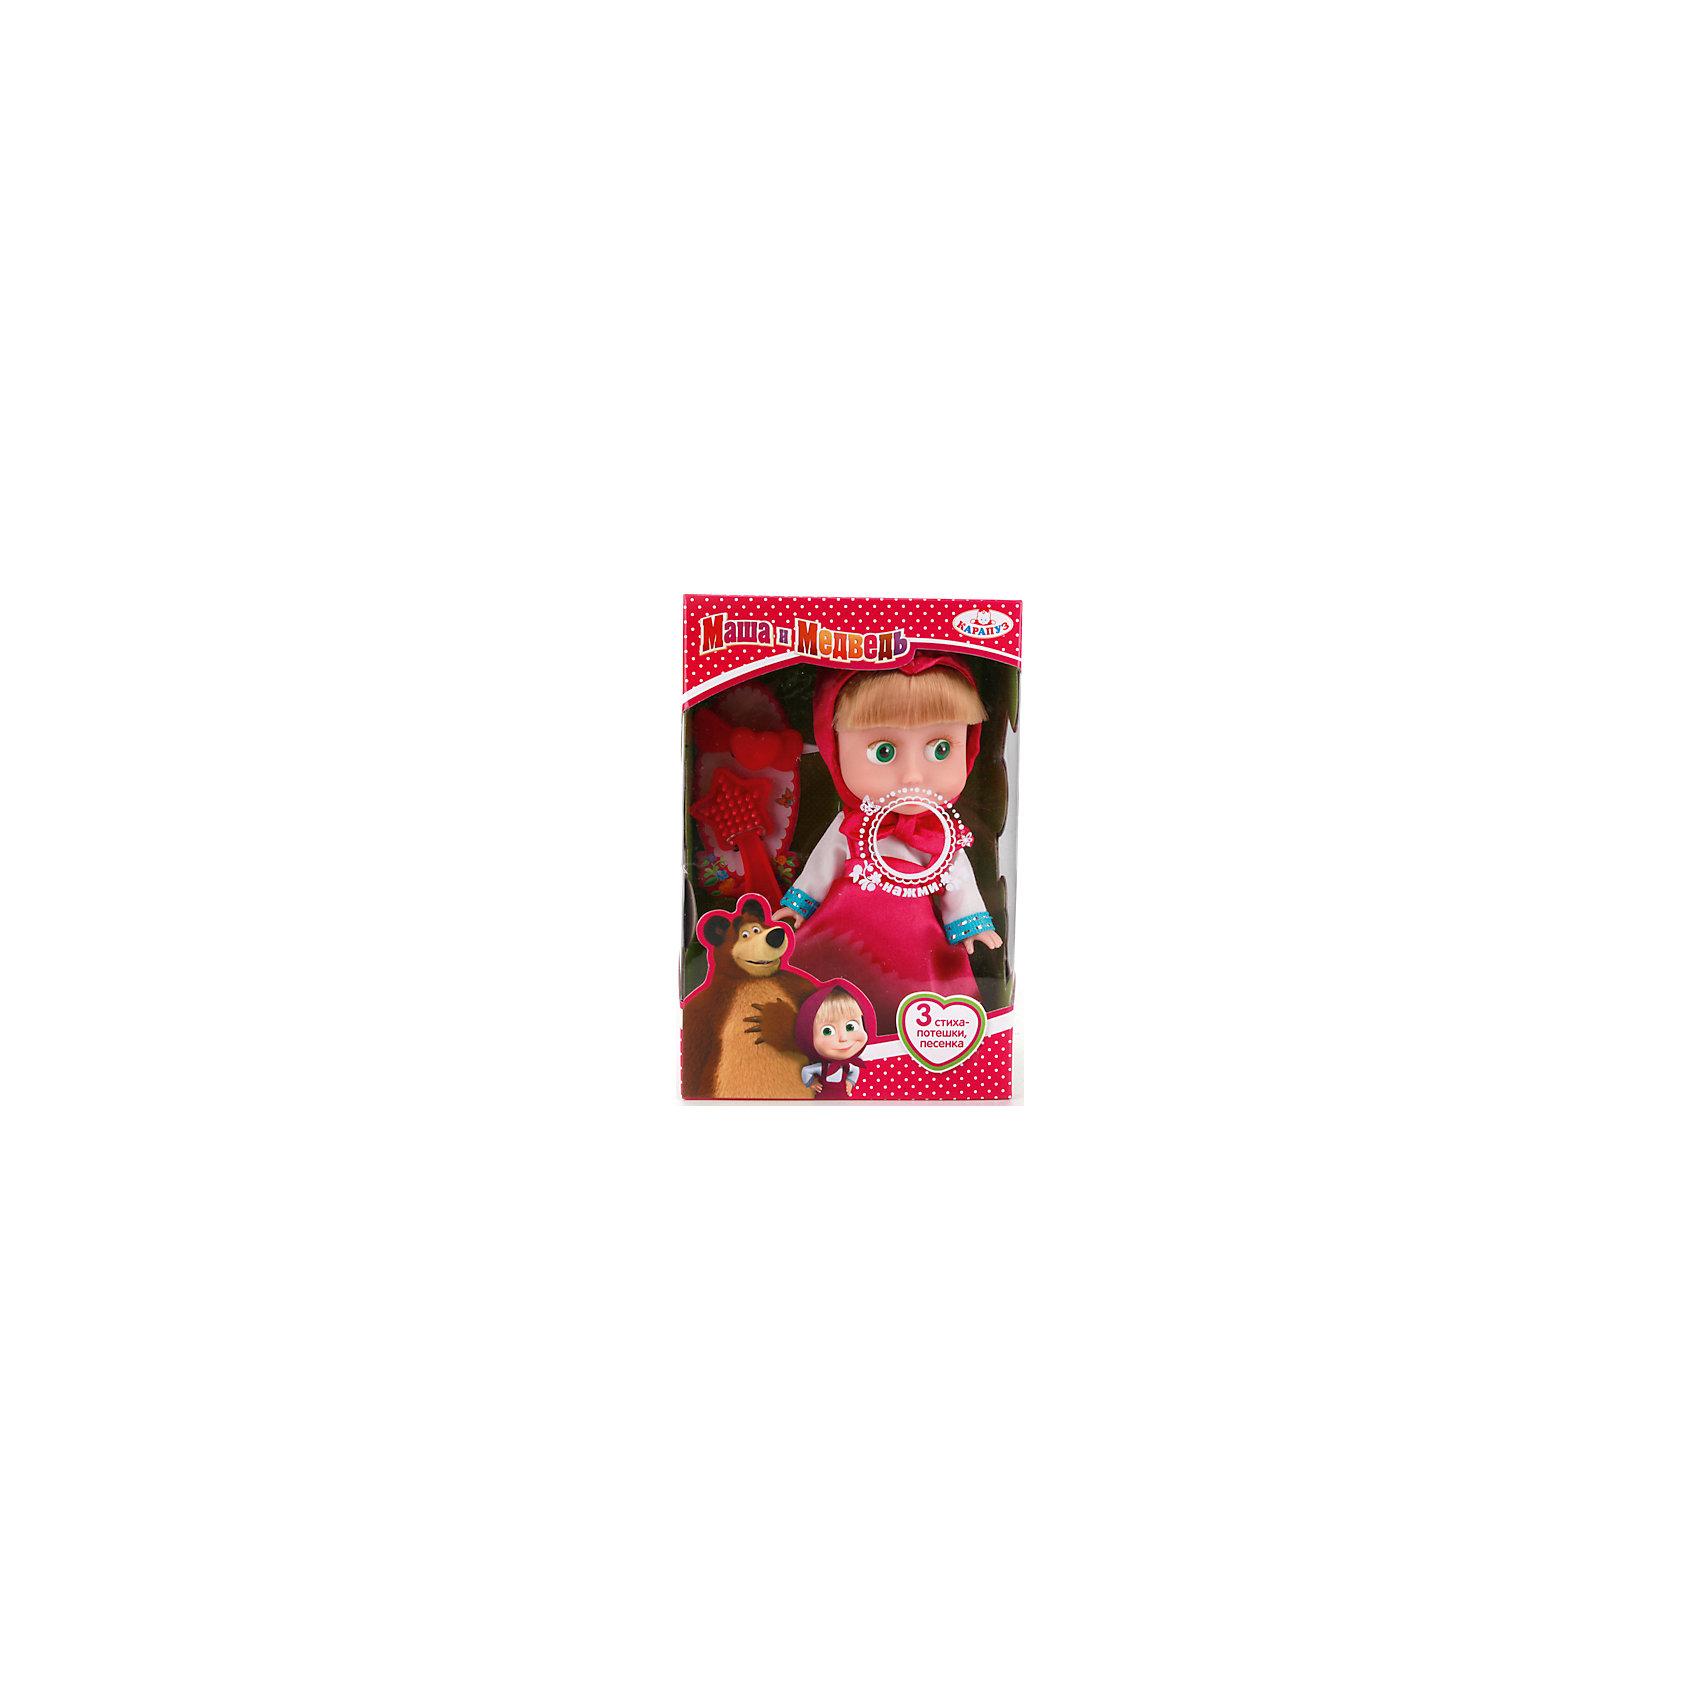 Кукла Маша, Маша и Медведь, КарапузИгрушки<br>Кукла Маша - образ популярного российского мультфильма Маша и медведь. Кукла имеет подвижные части тела и может принимать любую позу во время игры. Высота куклы 15 см. Маша расскажет вашему ребенку 3 стиха-потешки и споет песенку. В набор входит расческа, что даст возможность создавать кукле красывые прически. Кукла представлена в красивой подарочной упаковке.<br><br>Ширина мм: 80<br>Глубина мм: 180<br>Высота мм: 130<br>Вес г: 260<br>Возраст от месяцев: 36<br>Возраст до месяцев: 72<br>Пол: Женский<br>Возраст: Детский<br>SKU: 5099063